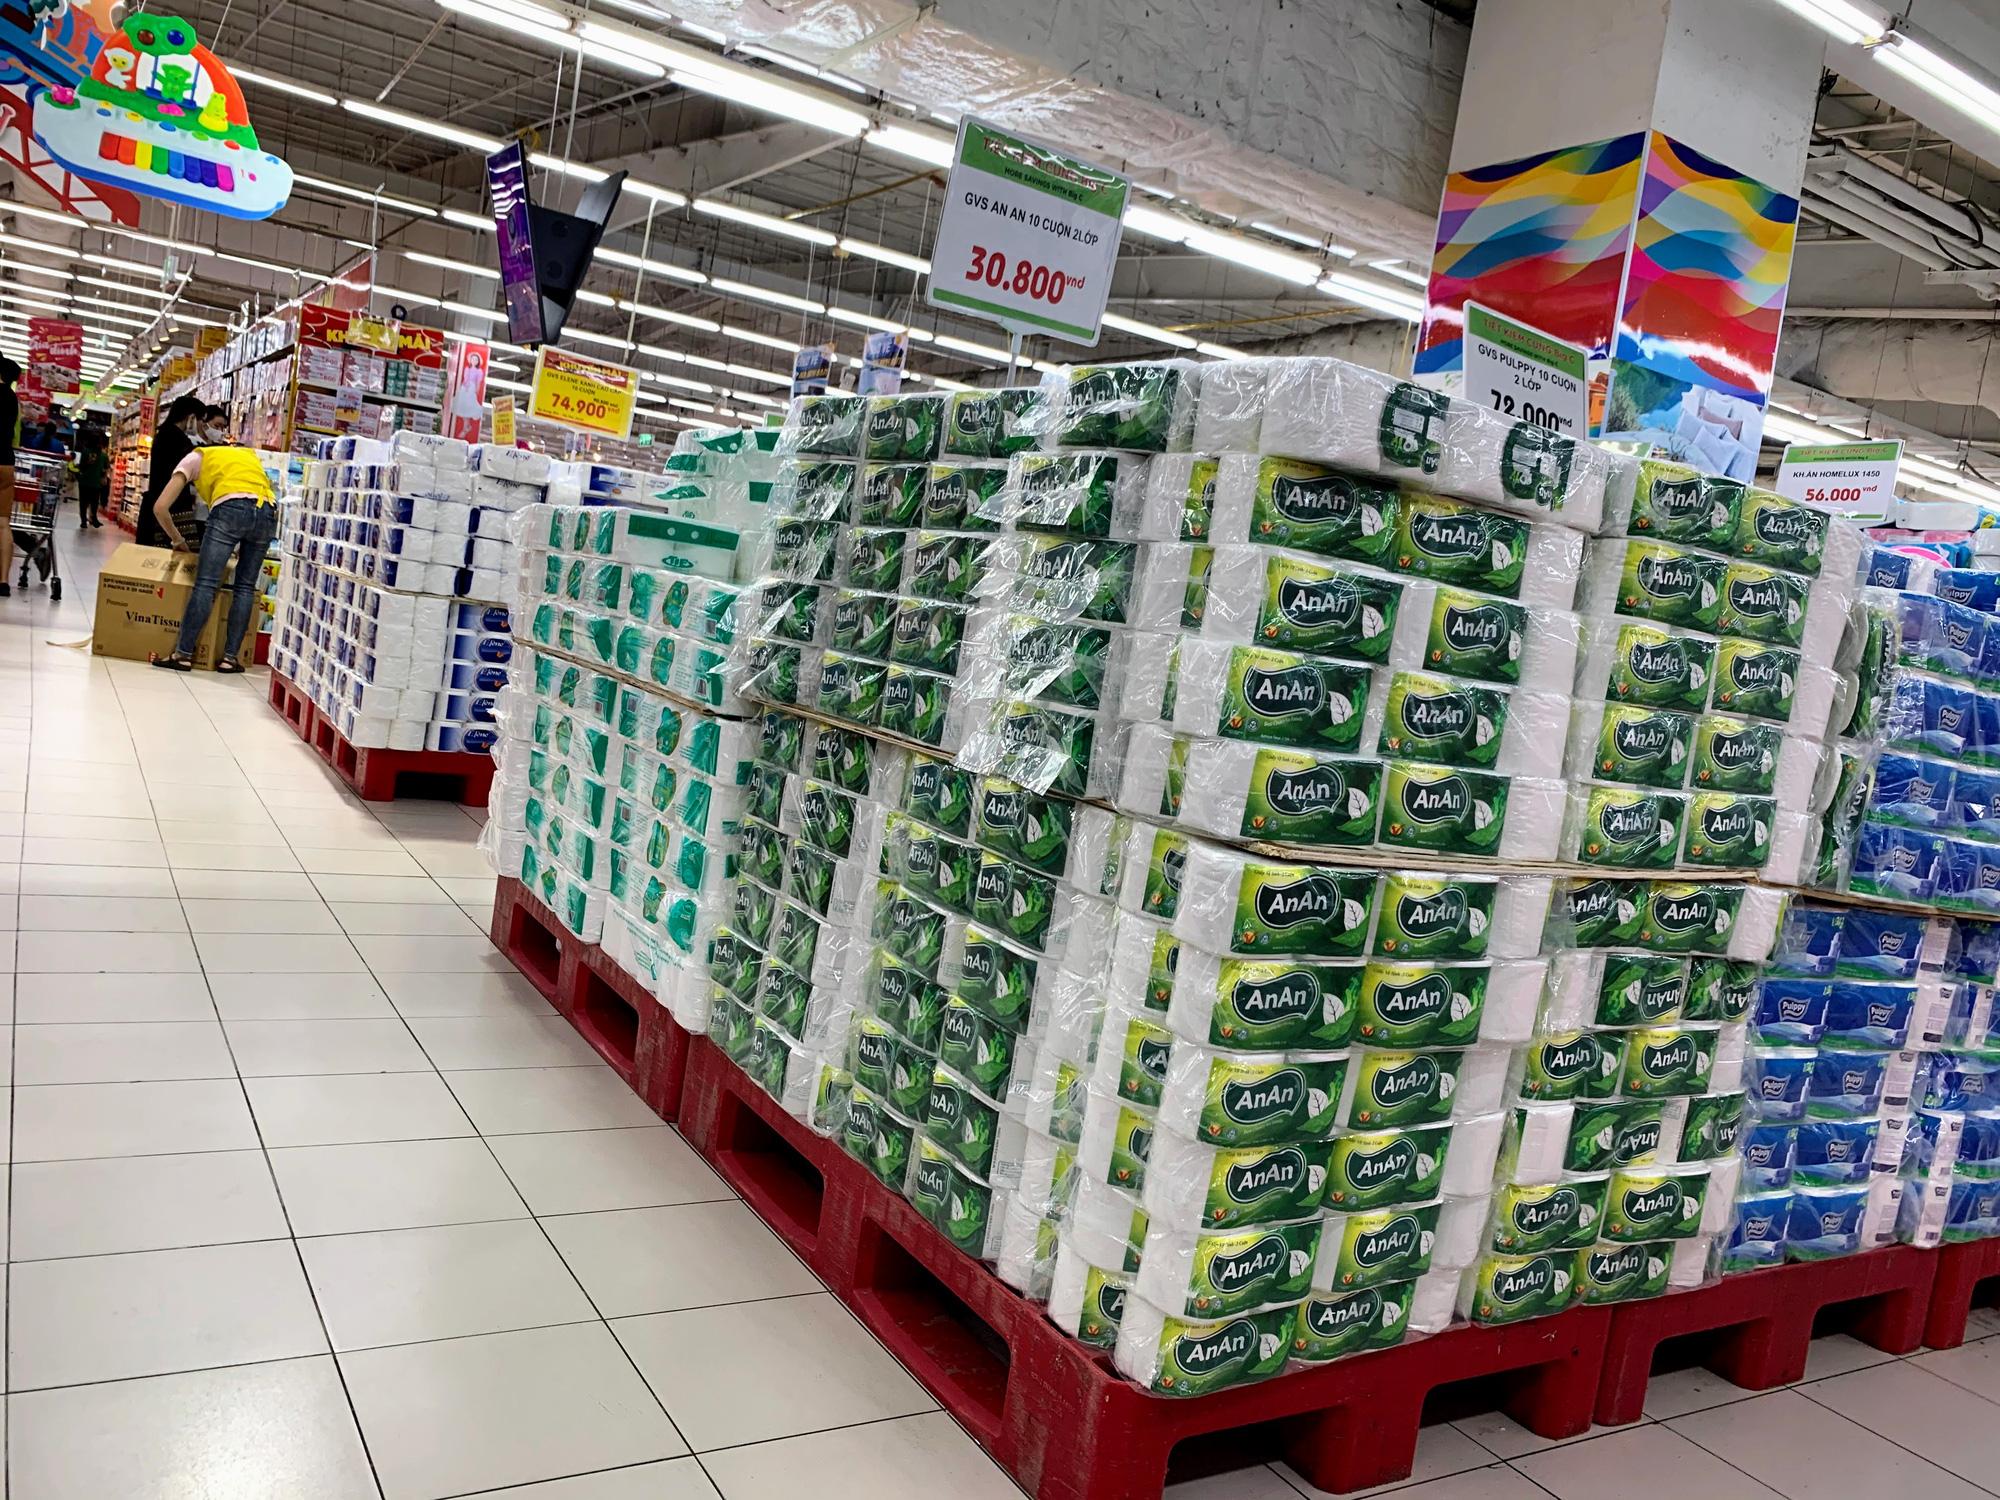 Cận cảnh ngày đầu chống dịch ở Hà Nội: Các cơ sở dịch vụ đóng cửa, siêu thị tiếp tục hoạt động, hàng hoá đầy ăm ắp vắng người mua - Ảnh 15.